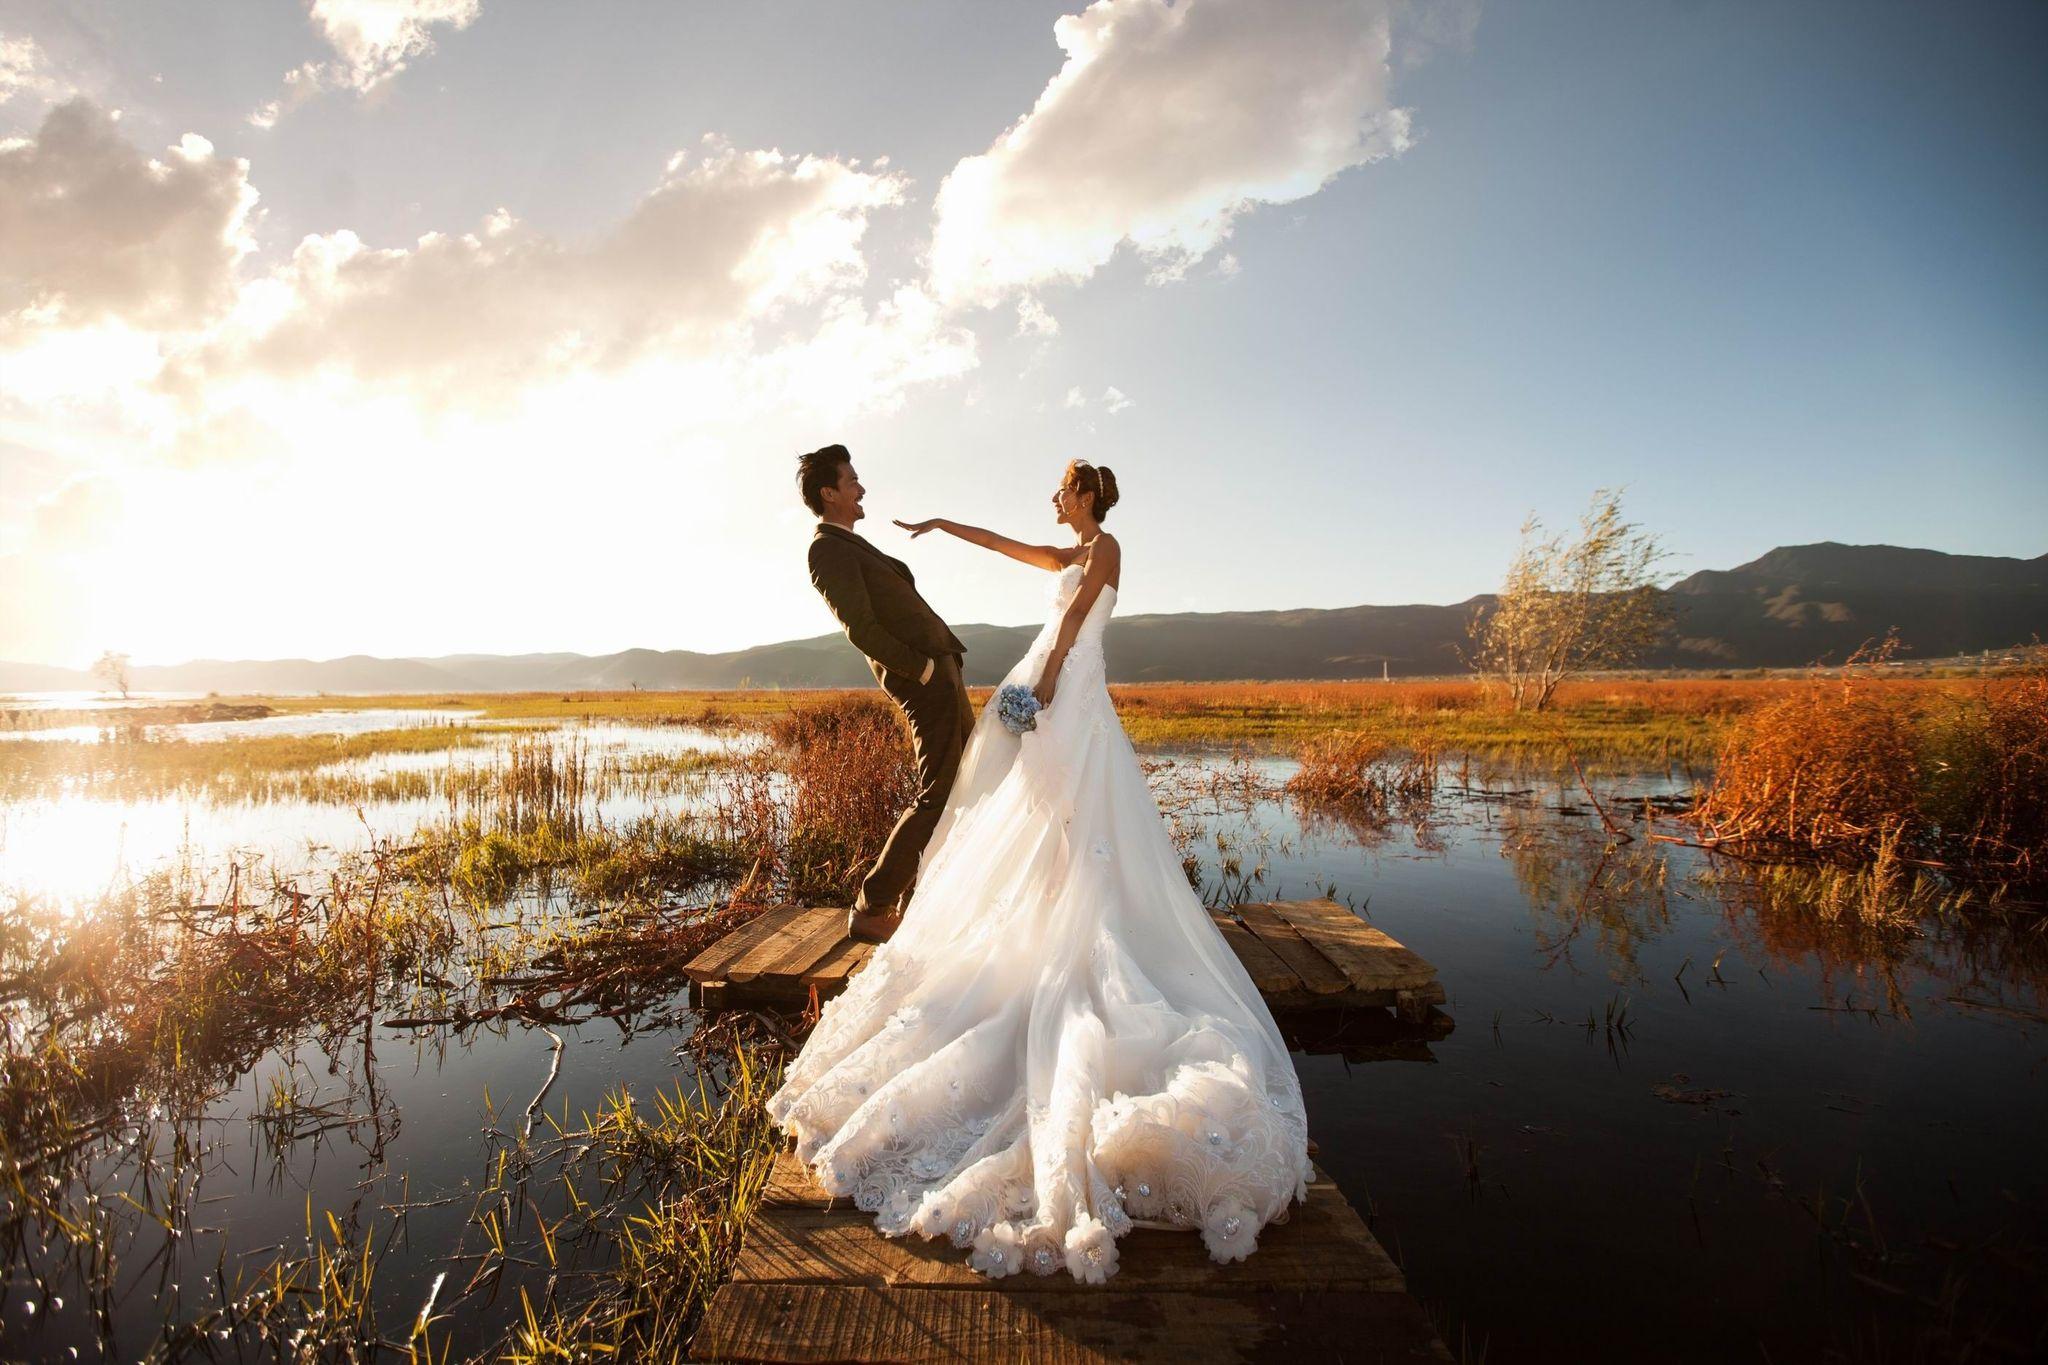 这么拍婚纱照,想不美都很难